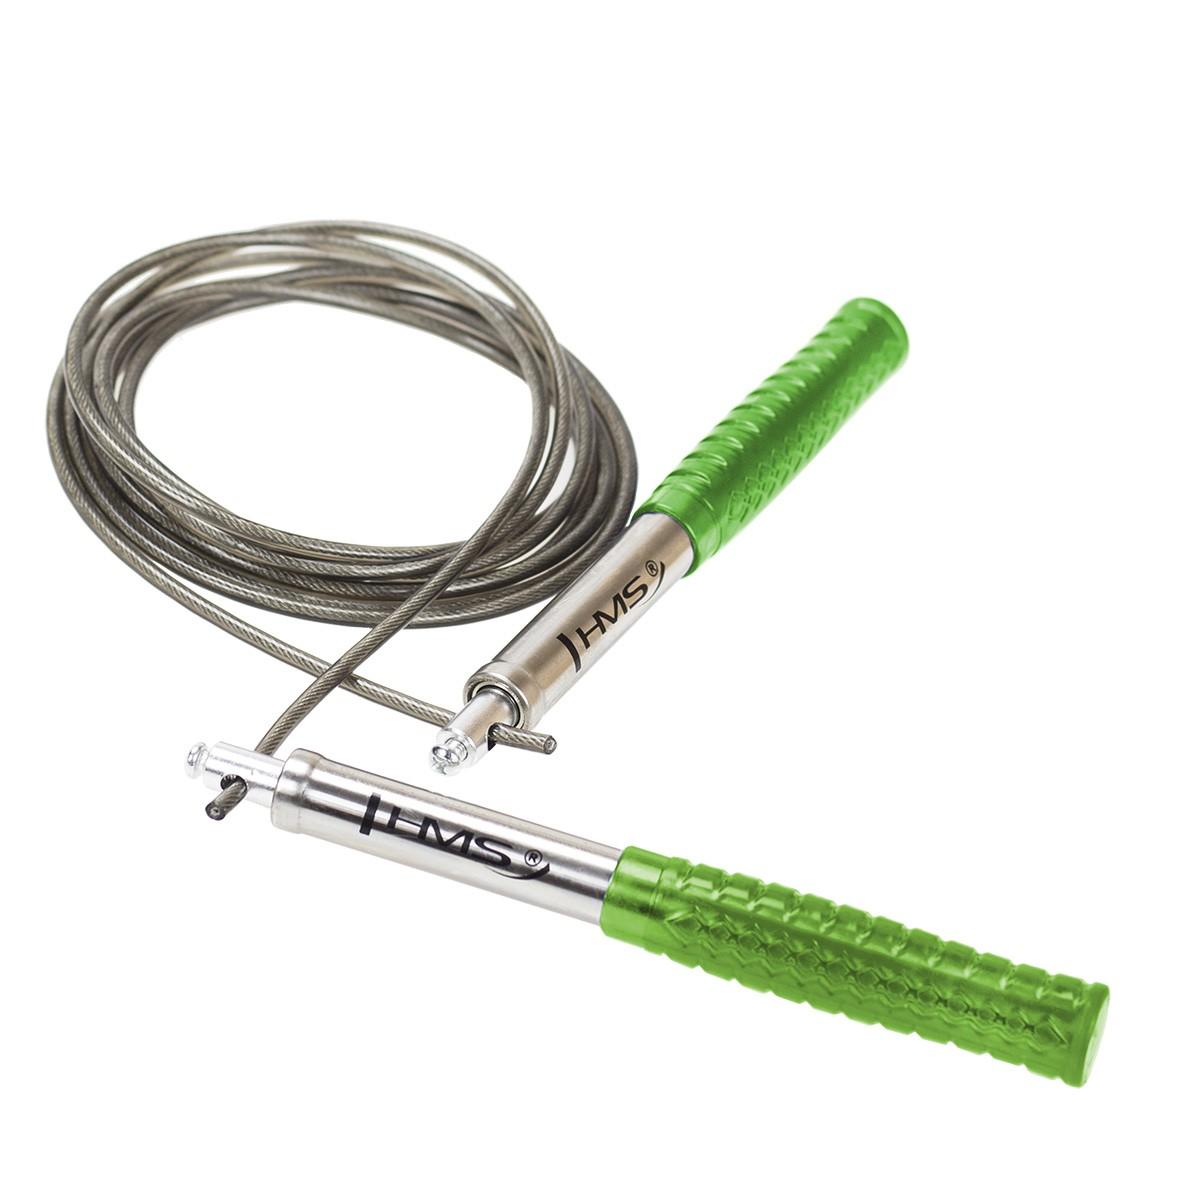 Coarda de sarituri - rapida, verde, Hms